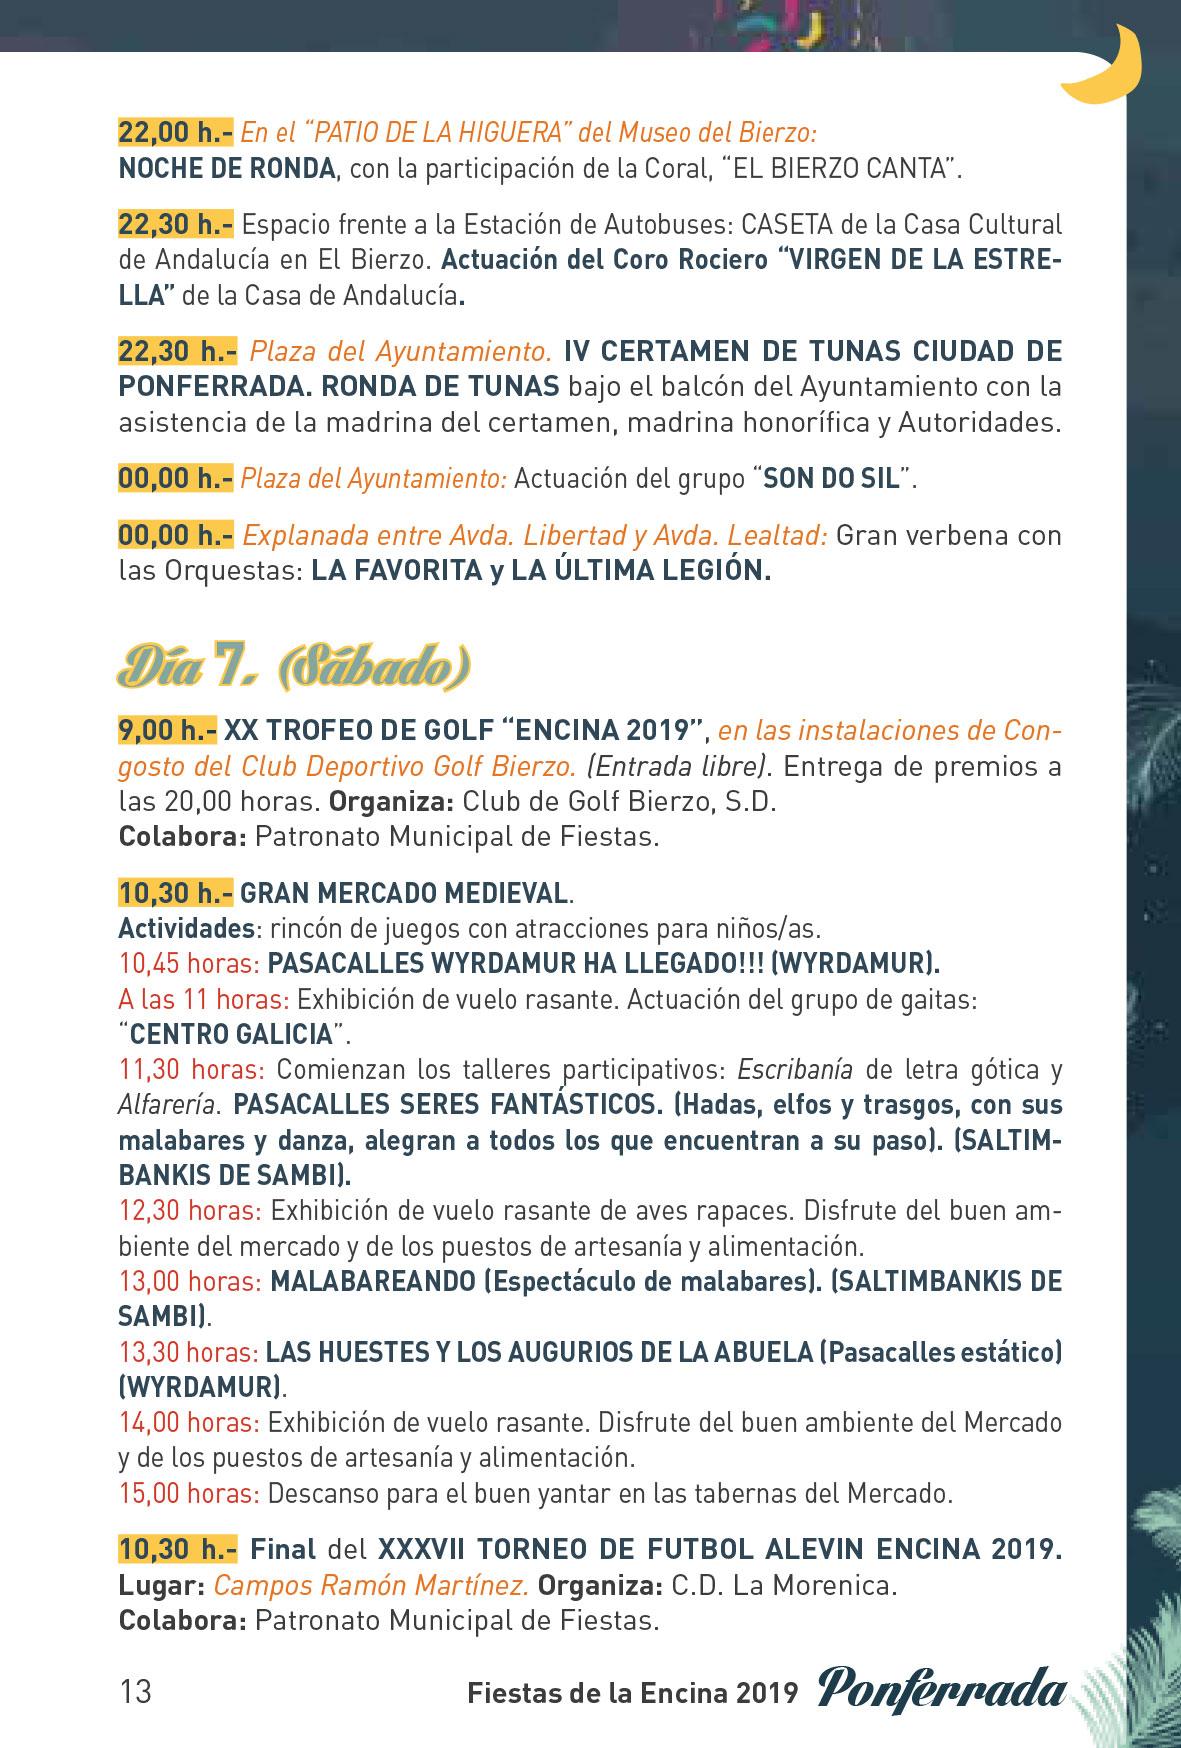 Fiestas de la Encina 2019. Programa y actividades 13